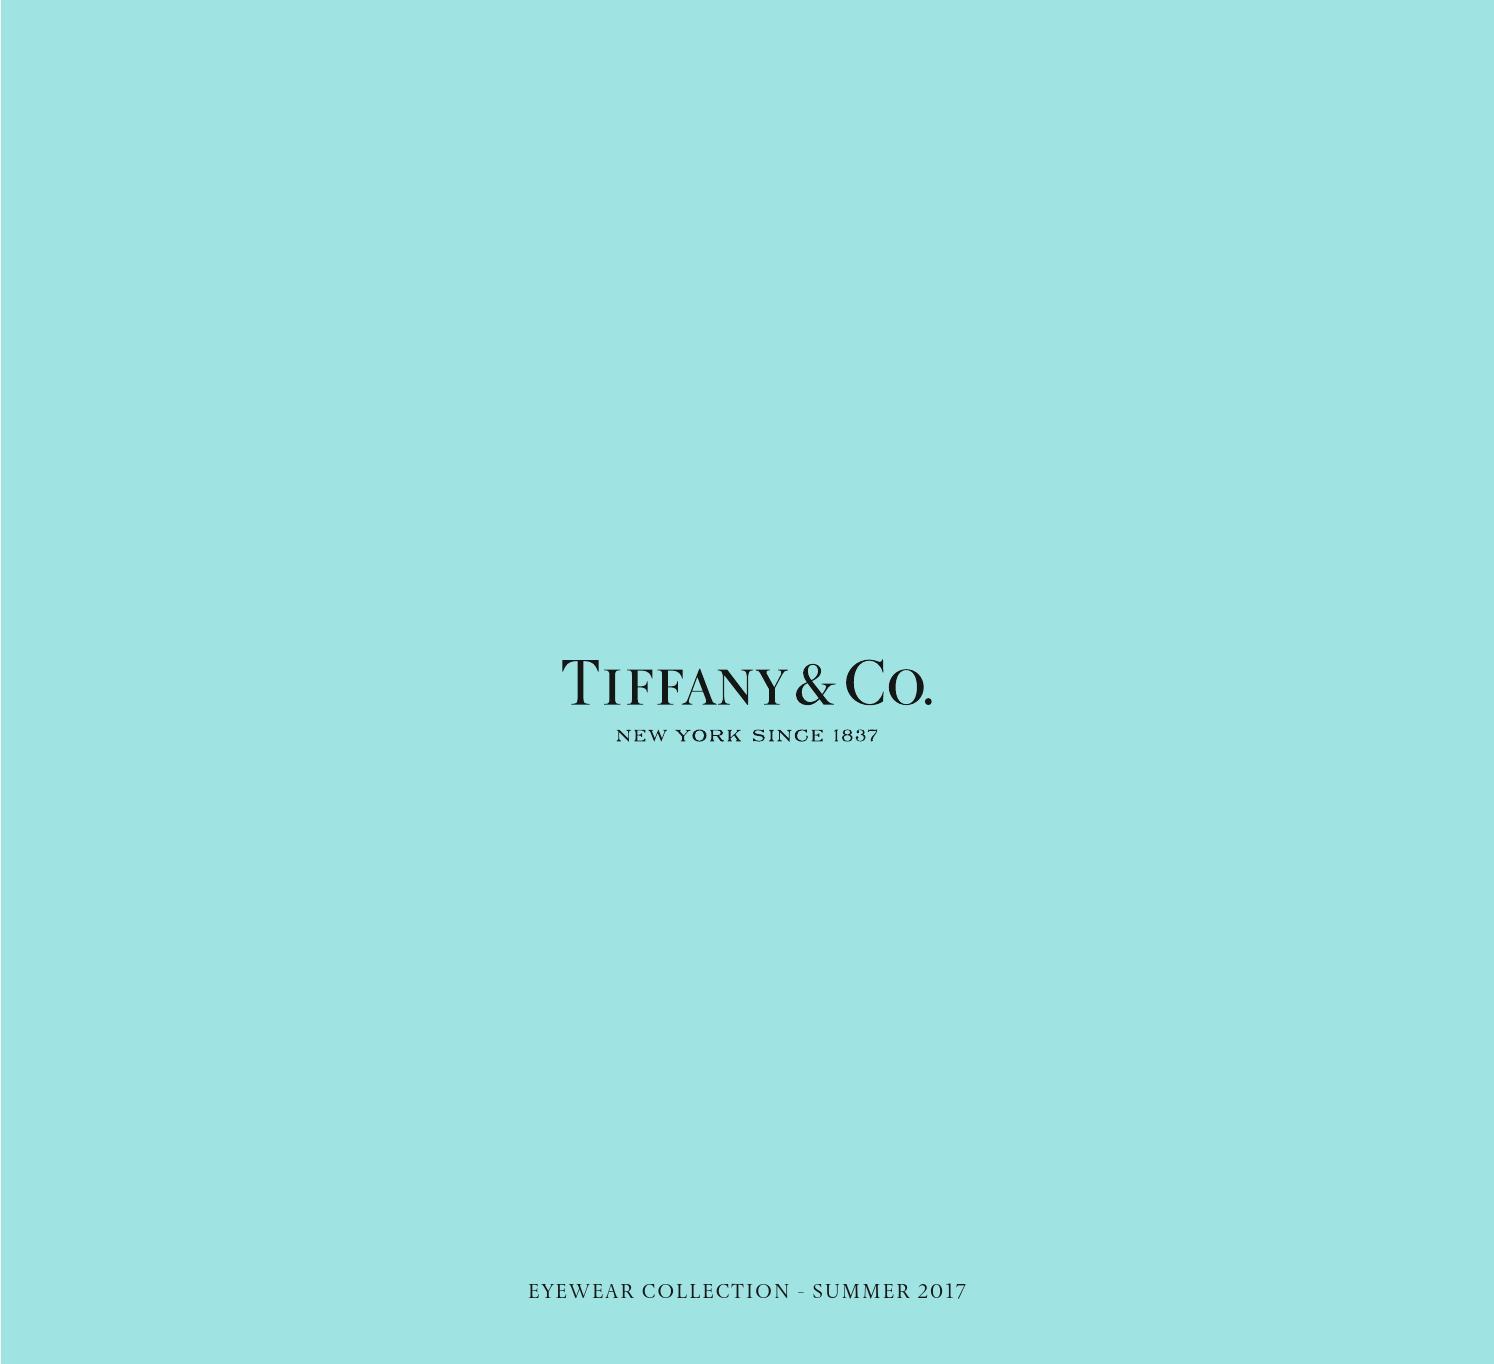 TIFFANY & CO. by HOptical - issuu